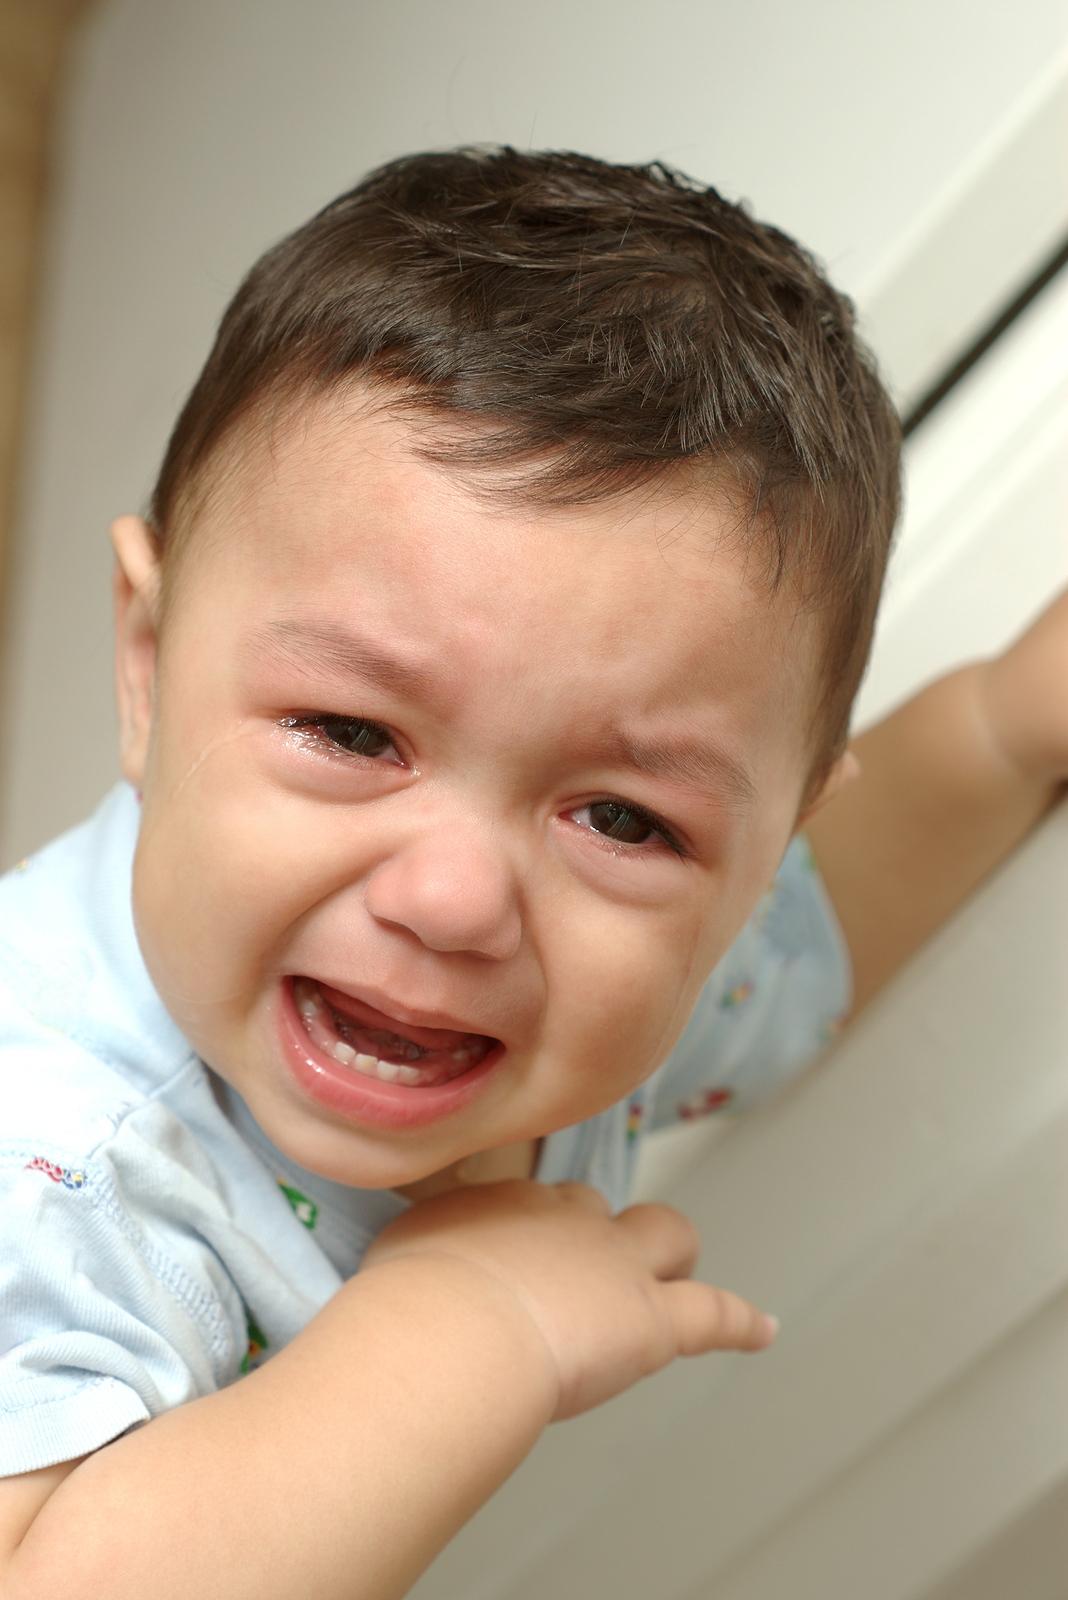 Toddler Biting